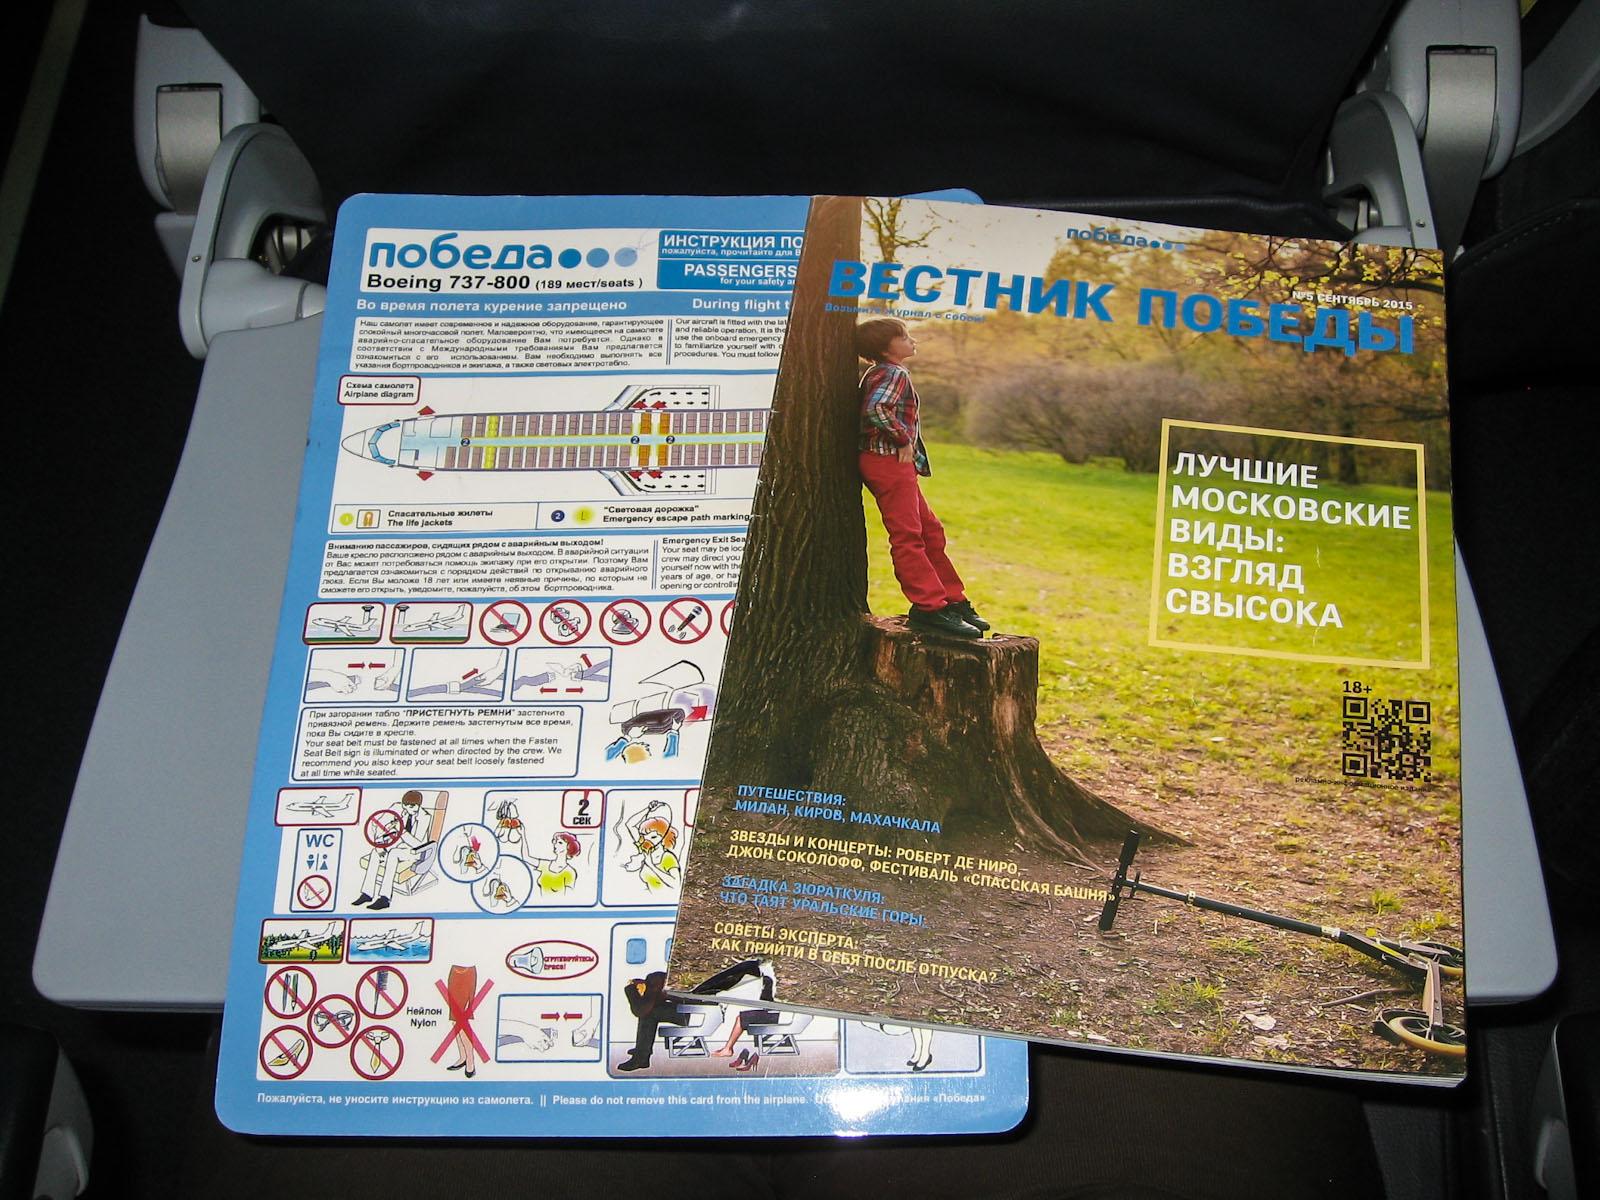 Бортовой журнал и инструкция по безопасности авиакомпании